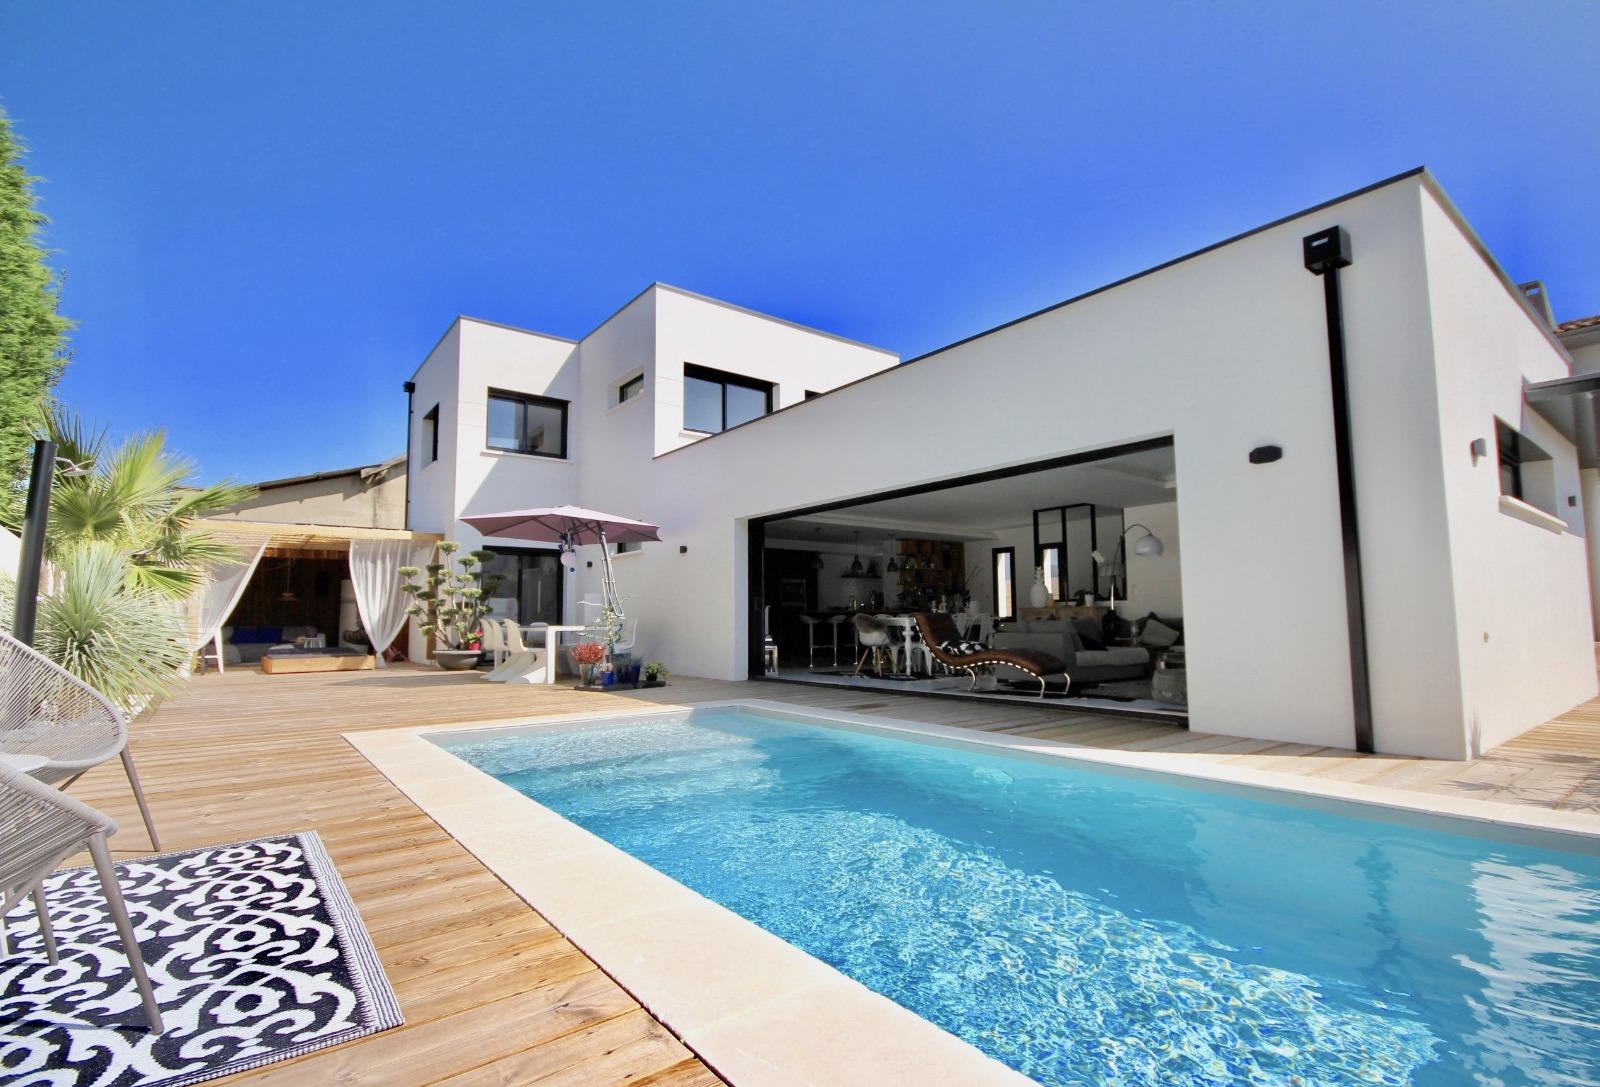 vente villa la teste de buch 33260 152m avec 5 pi ce s dont 4 chambre s sur 620m de. Black Bedroom Furniture Sets. Home Design Ideas